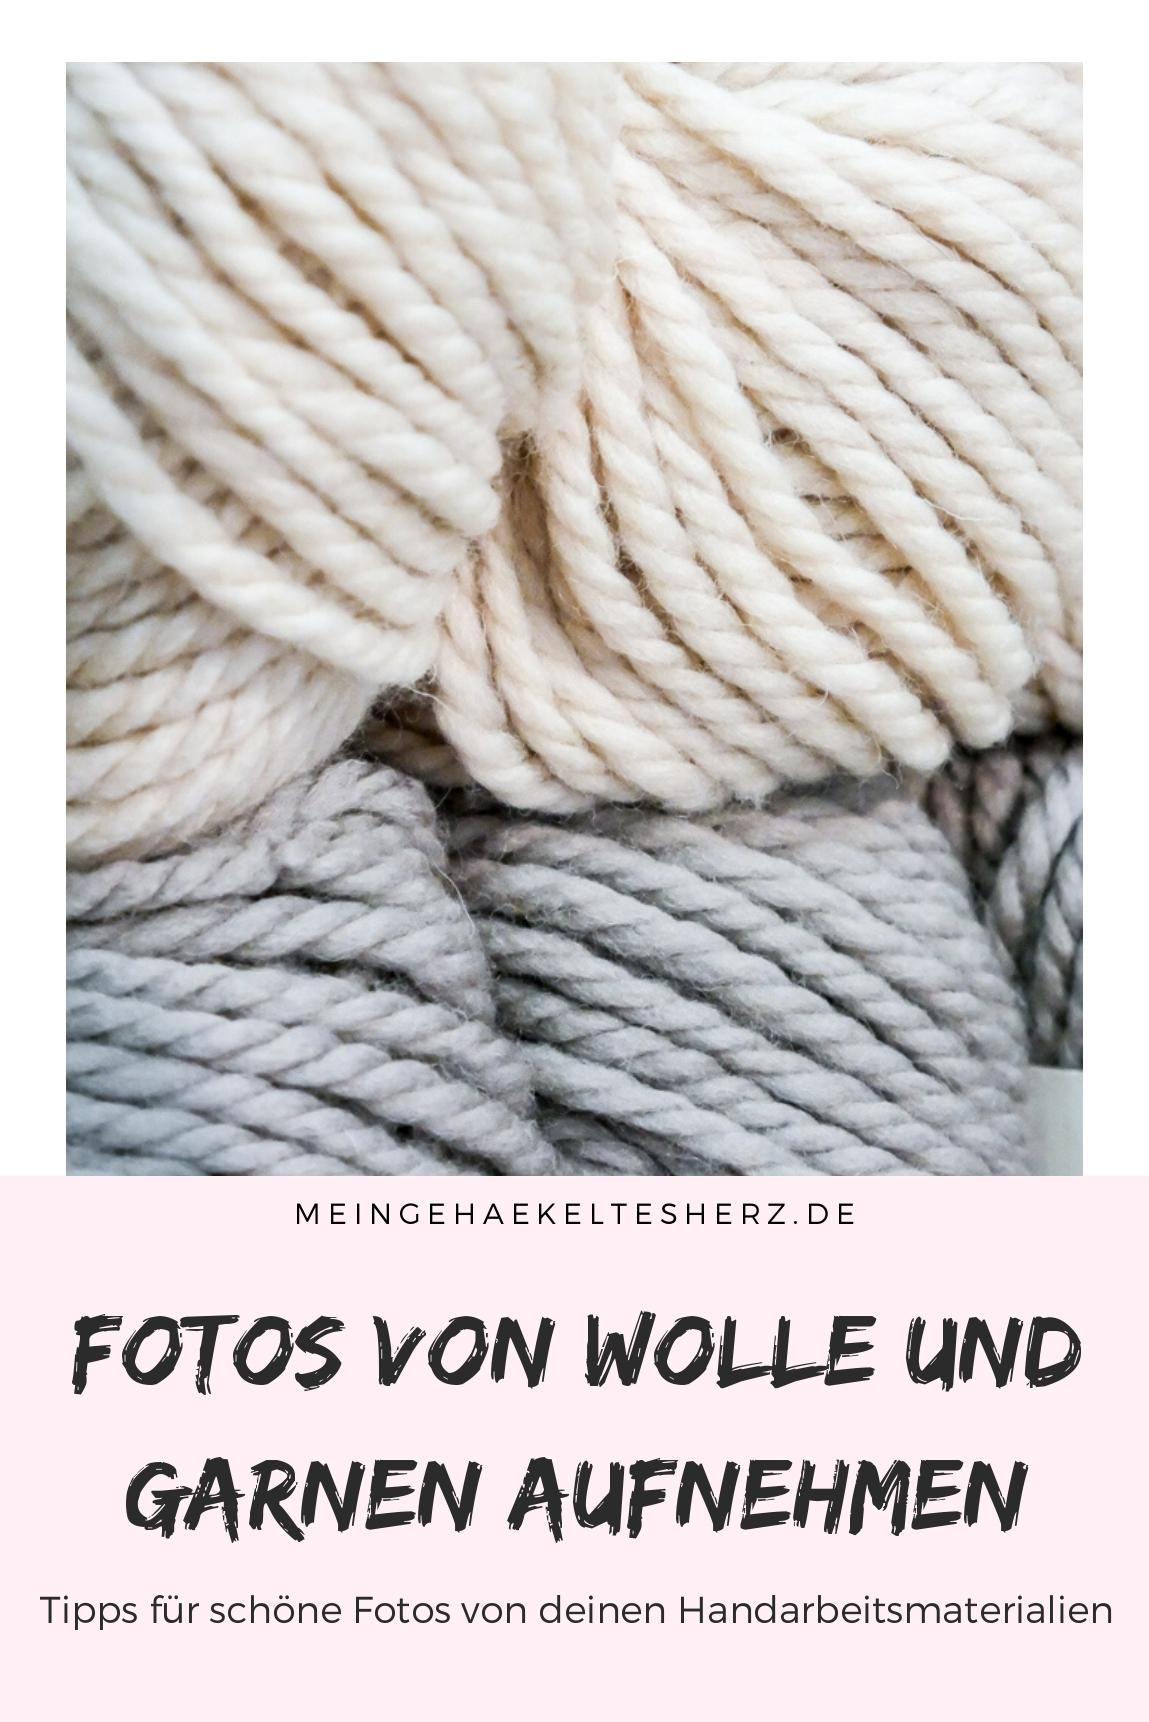 Stockfotos von Wolle und Garnen erstellen Tipps für Wollliebhaber und Handarbeitsblogger